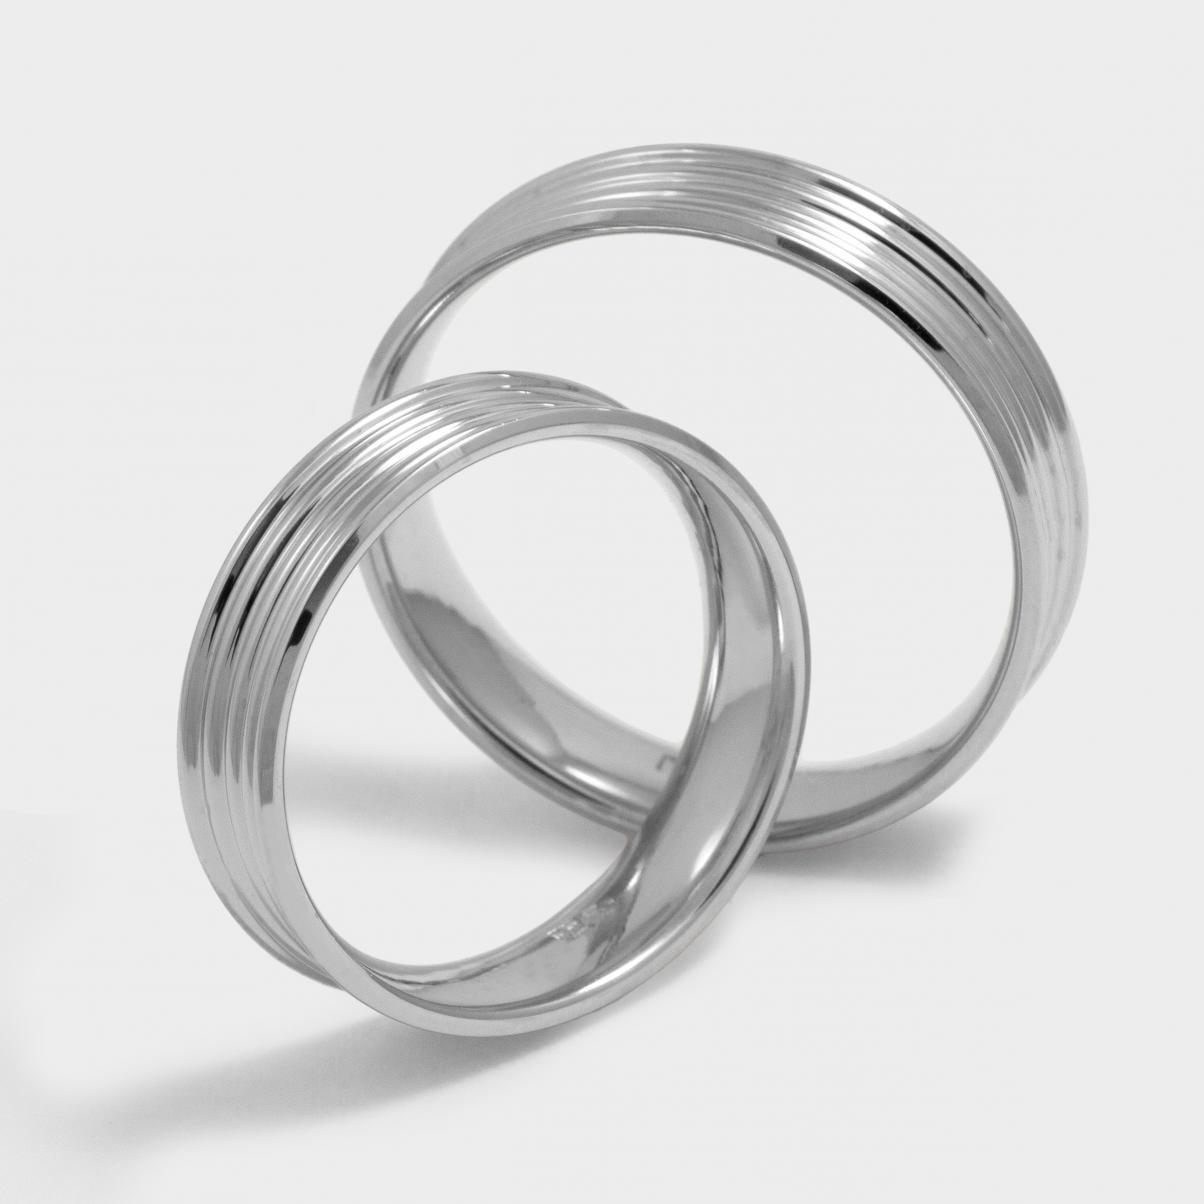 Ring Classic Model Nairobi White Platinum And Rhodium Plated